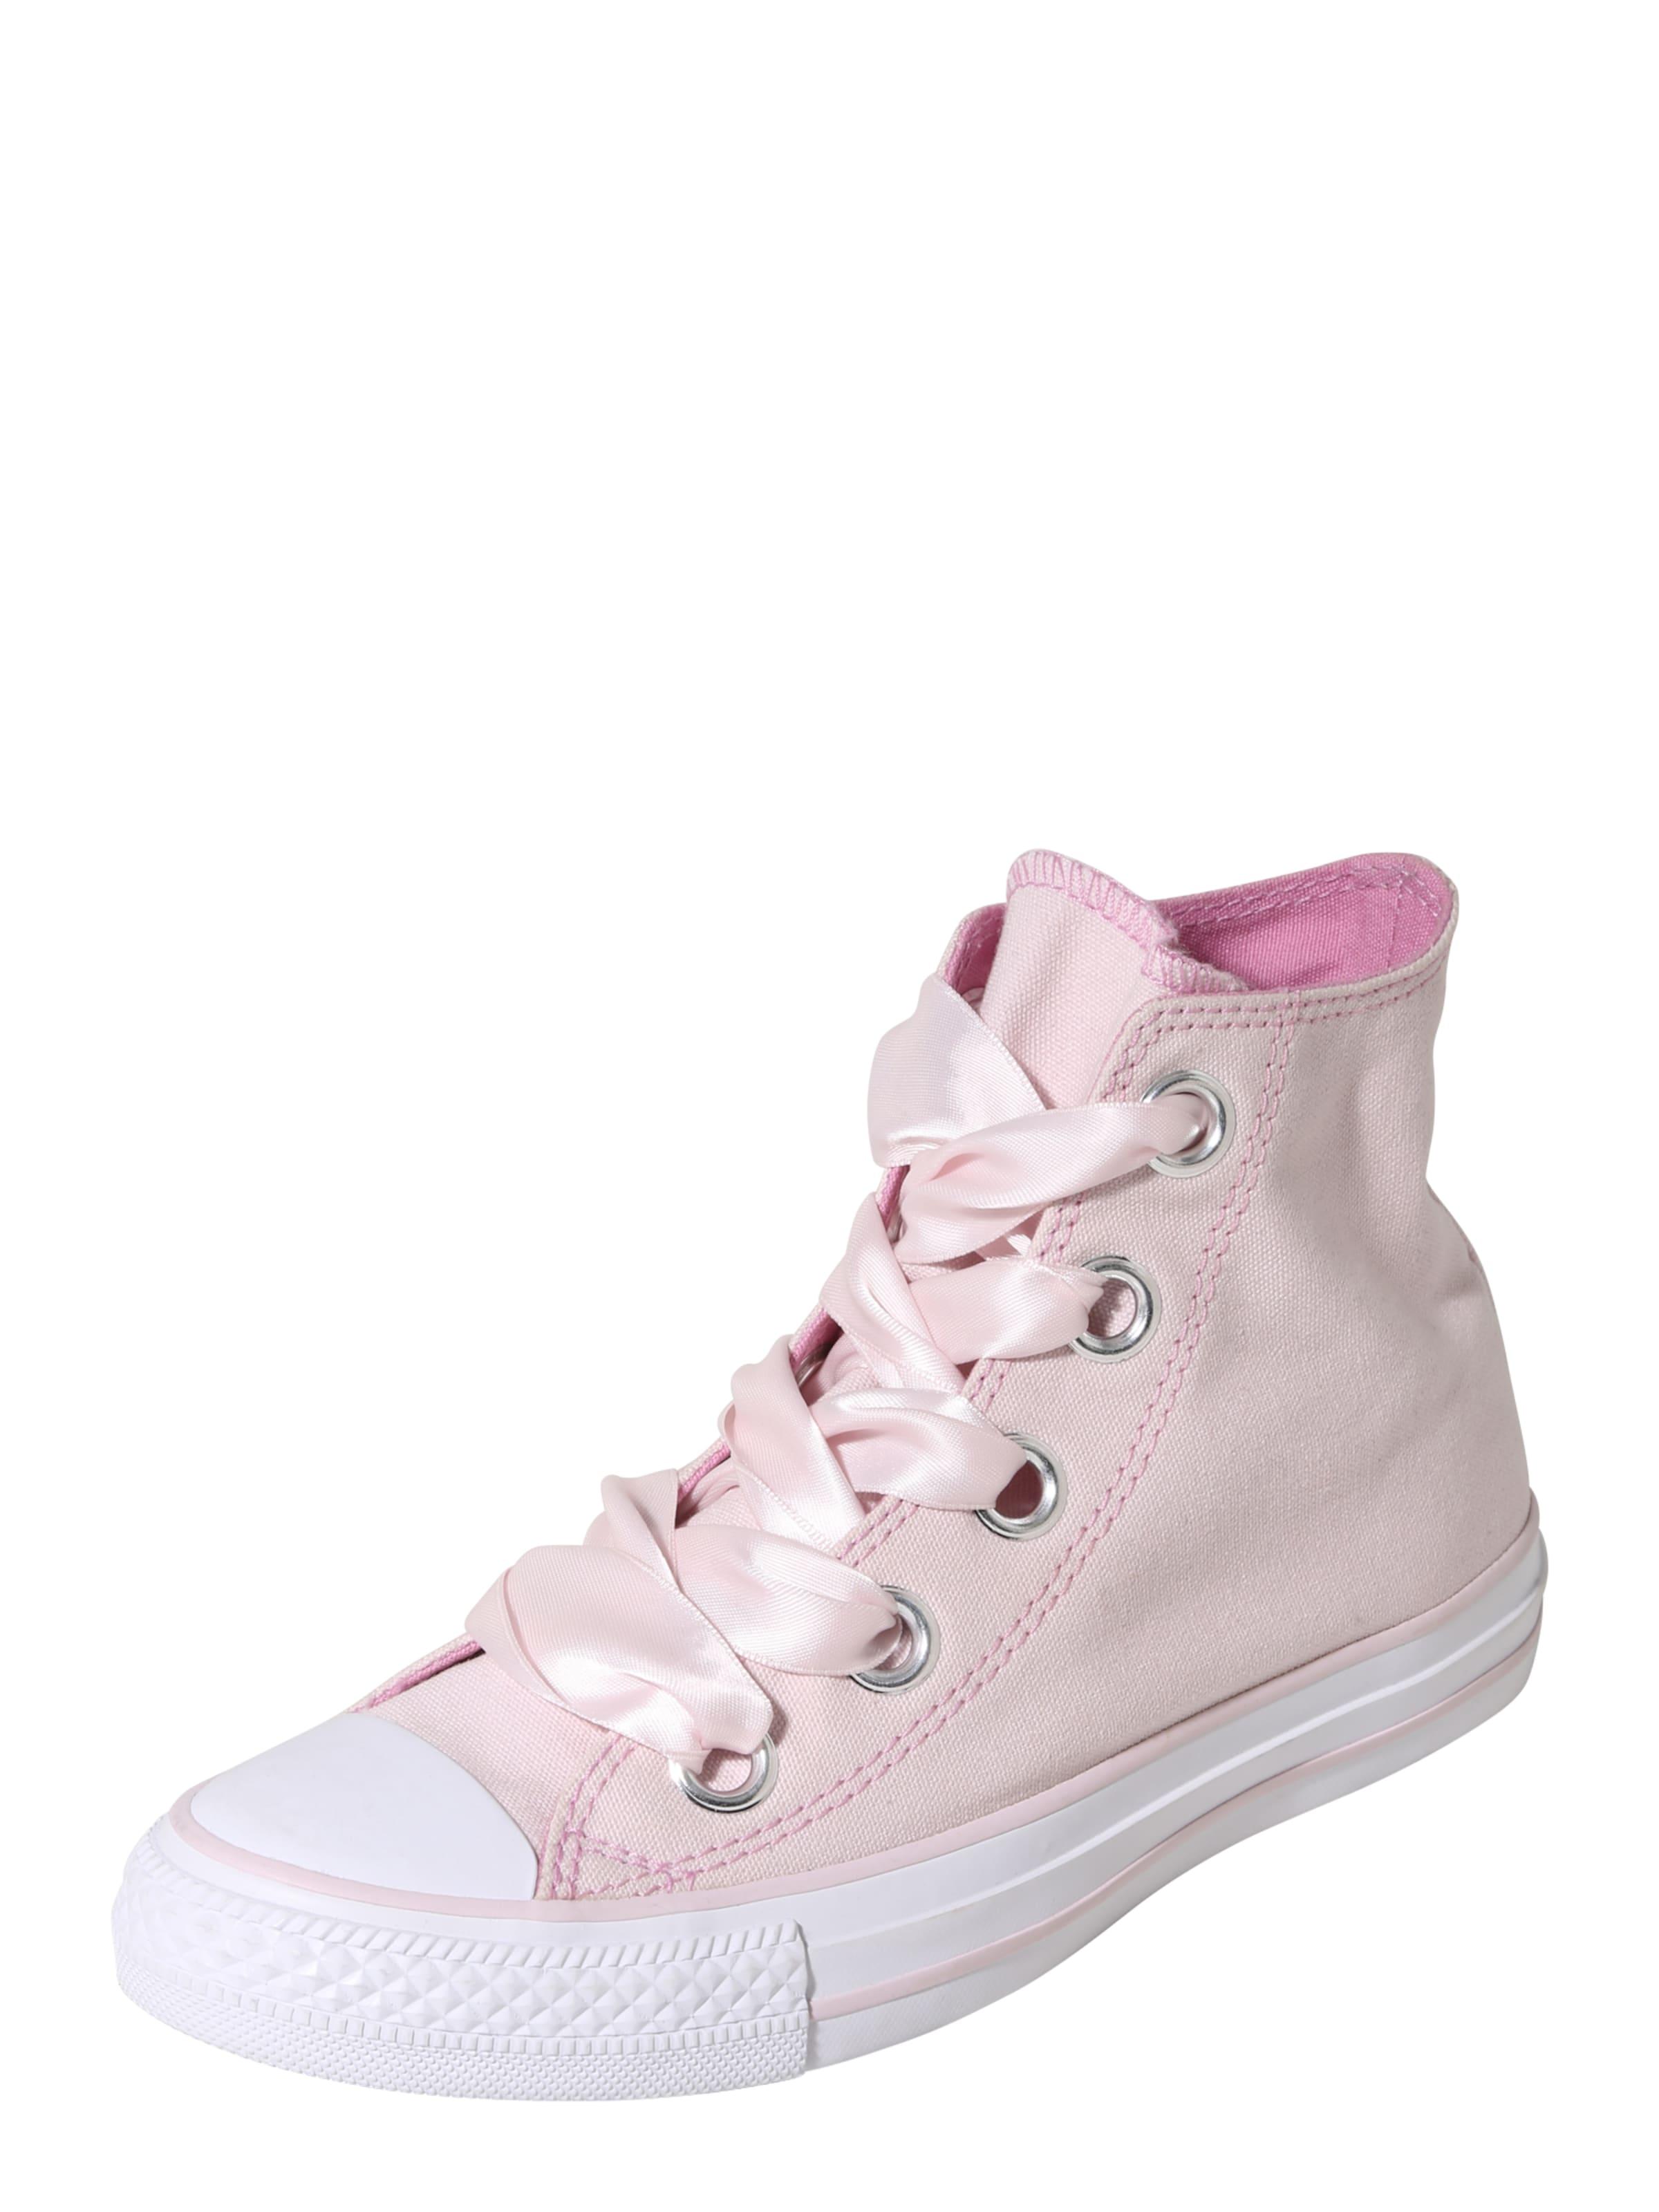 CONVERSE Sneaker CHUCK TAYLOR ALL STAR BIG EYELETS - HI